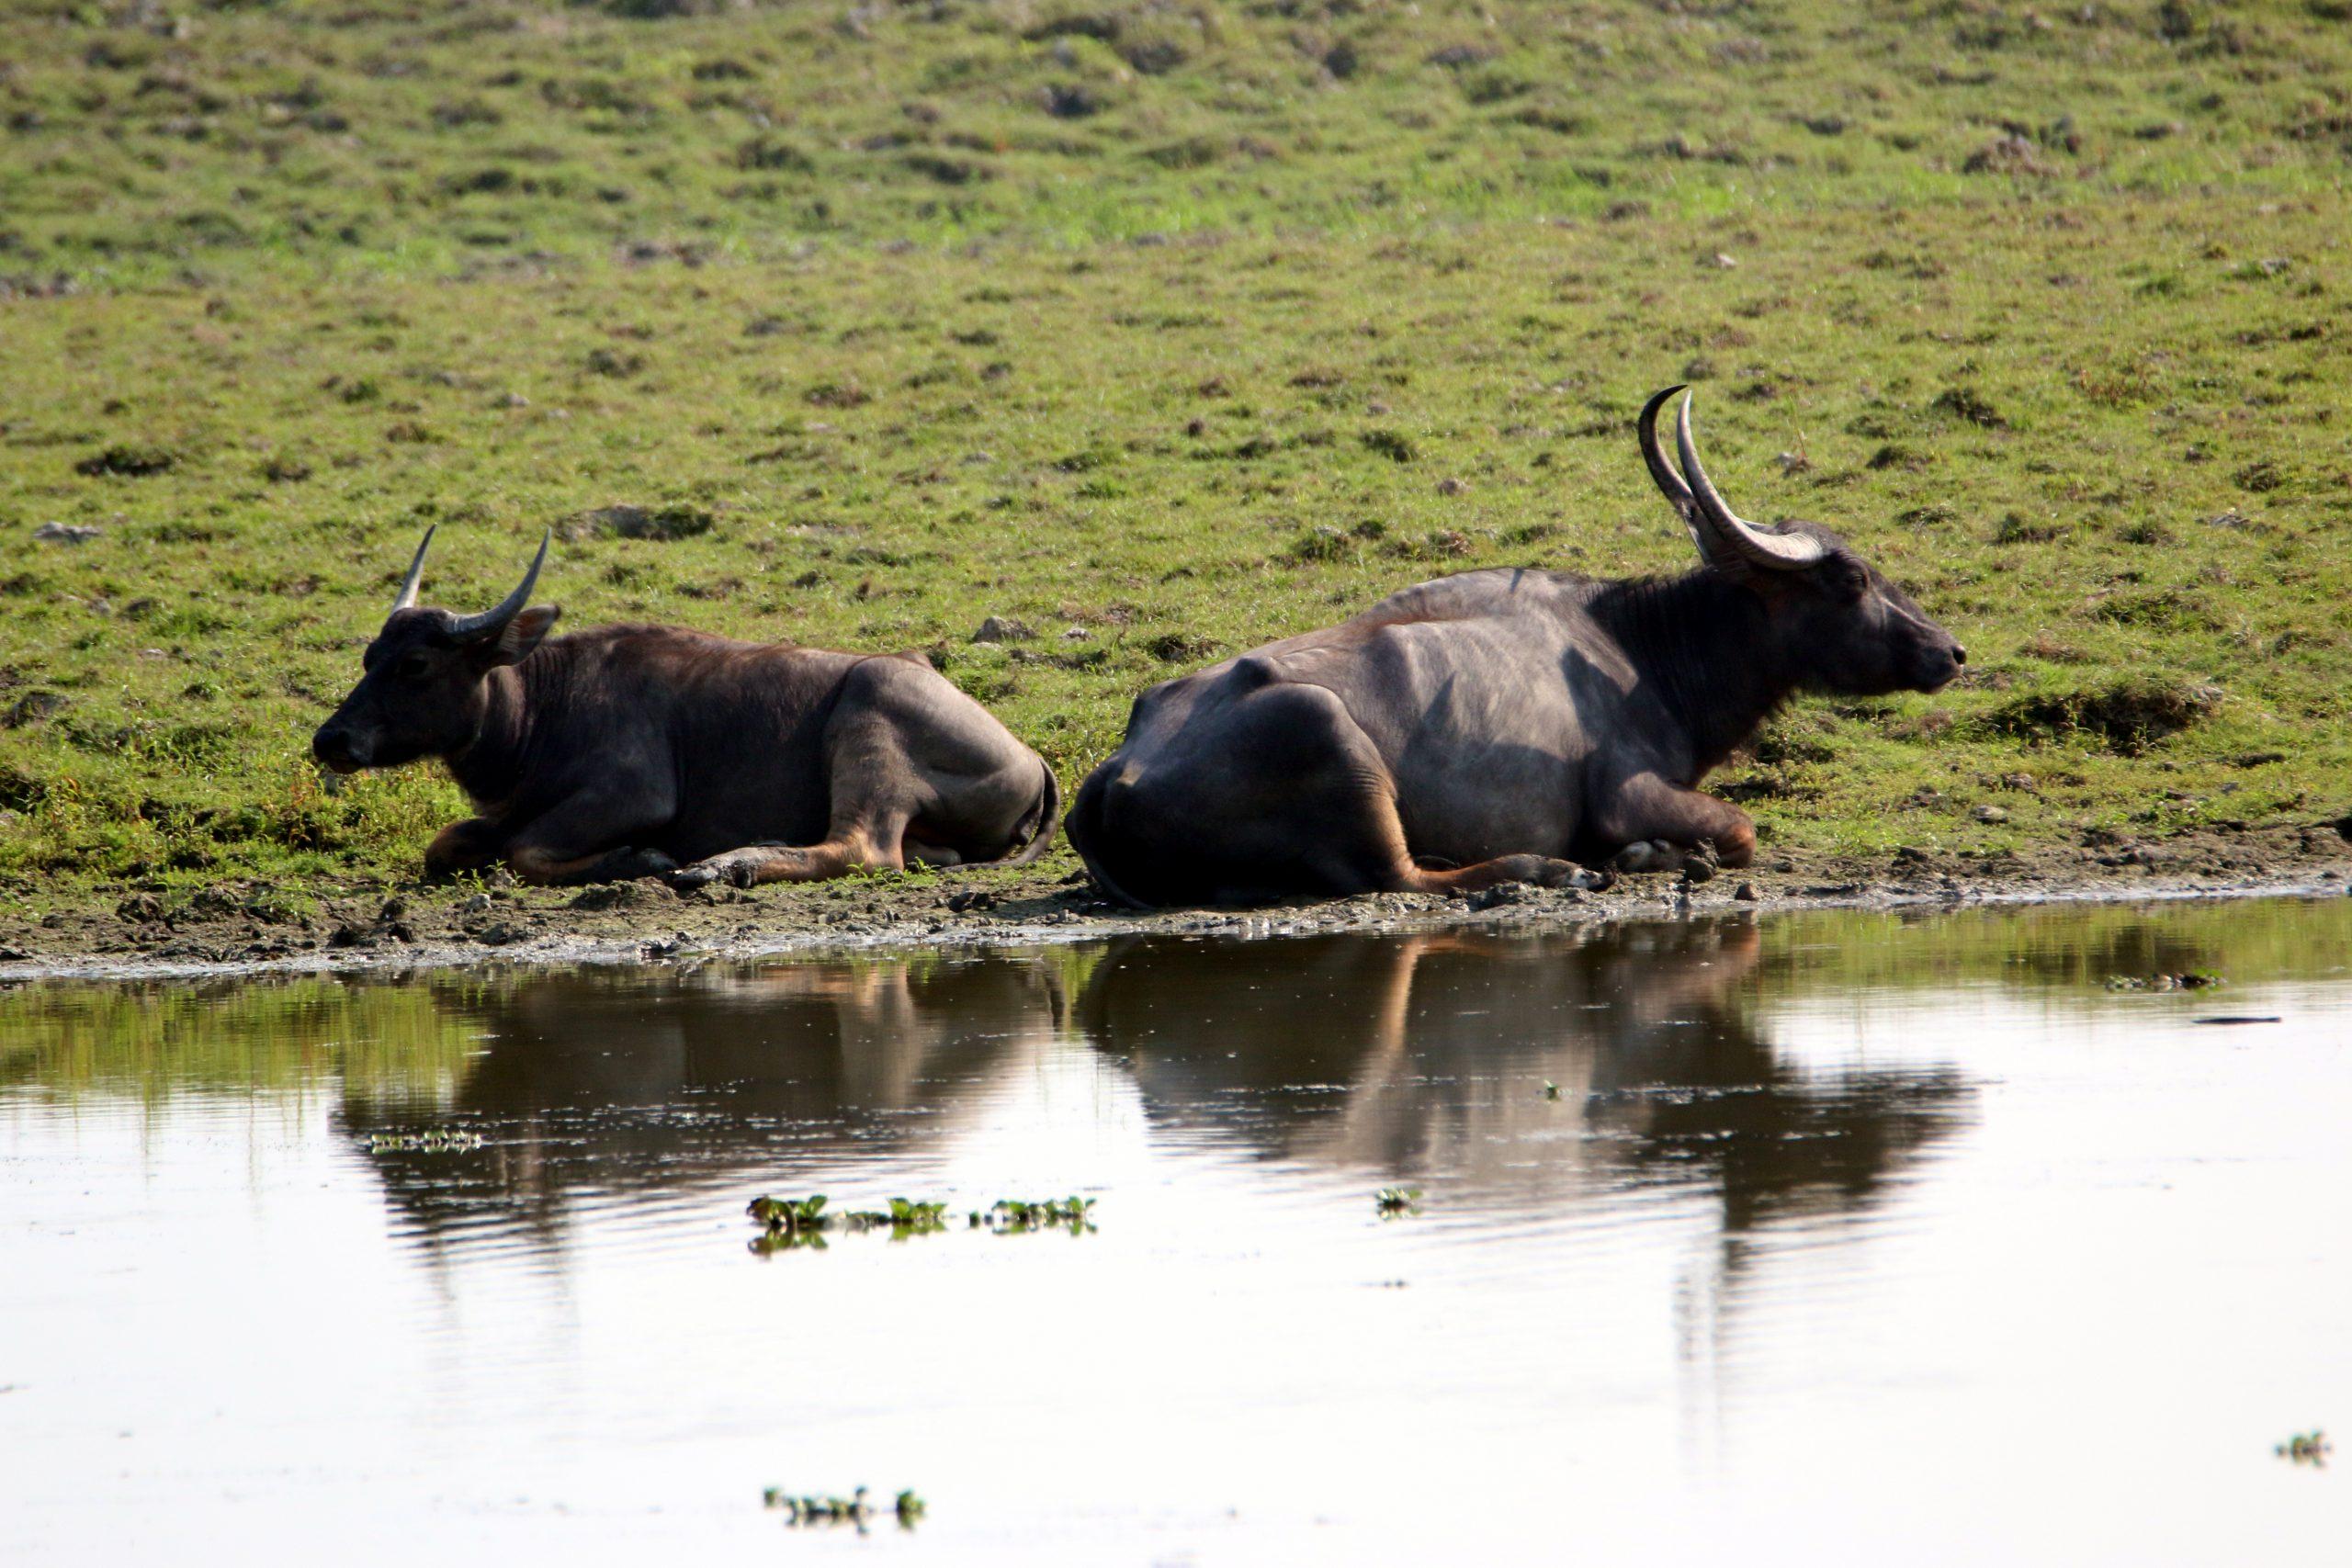 Wild buffalo at a river bank